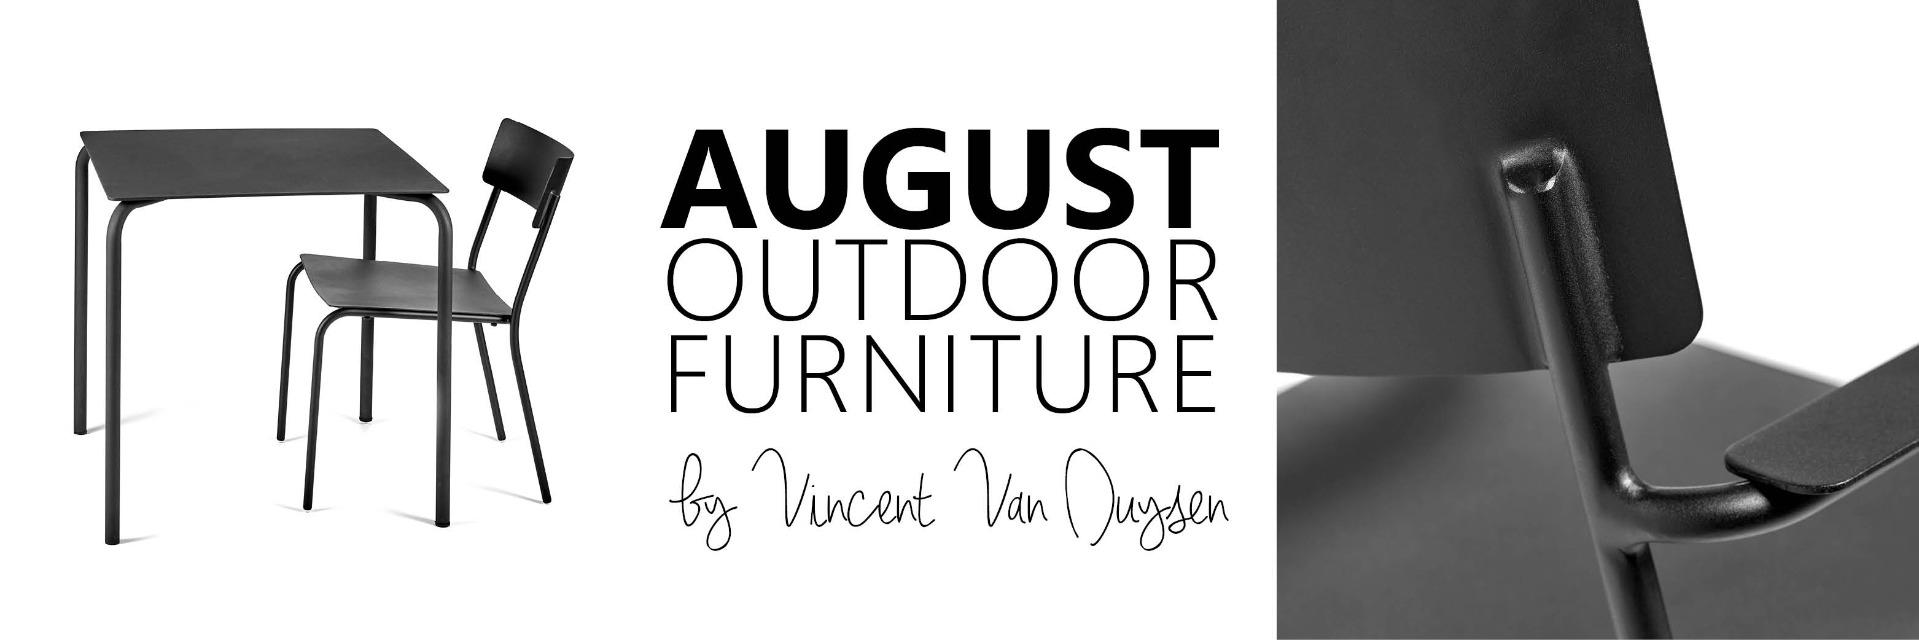 banner August Outdoor Furniture Vincent Van Duysen